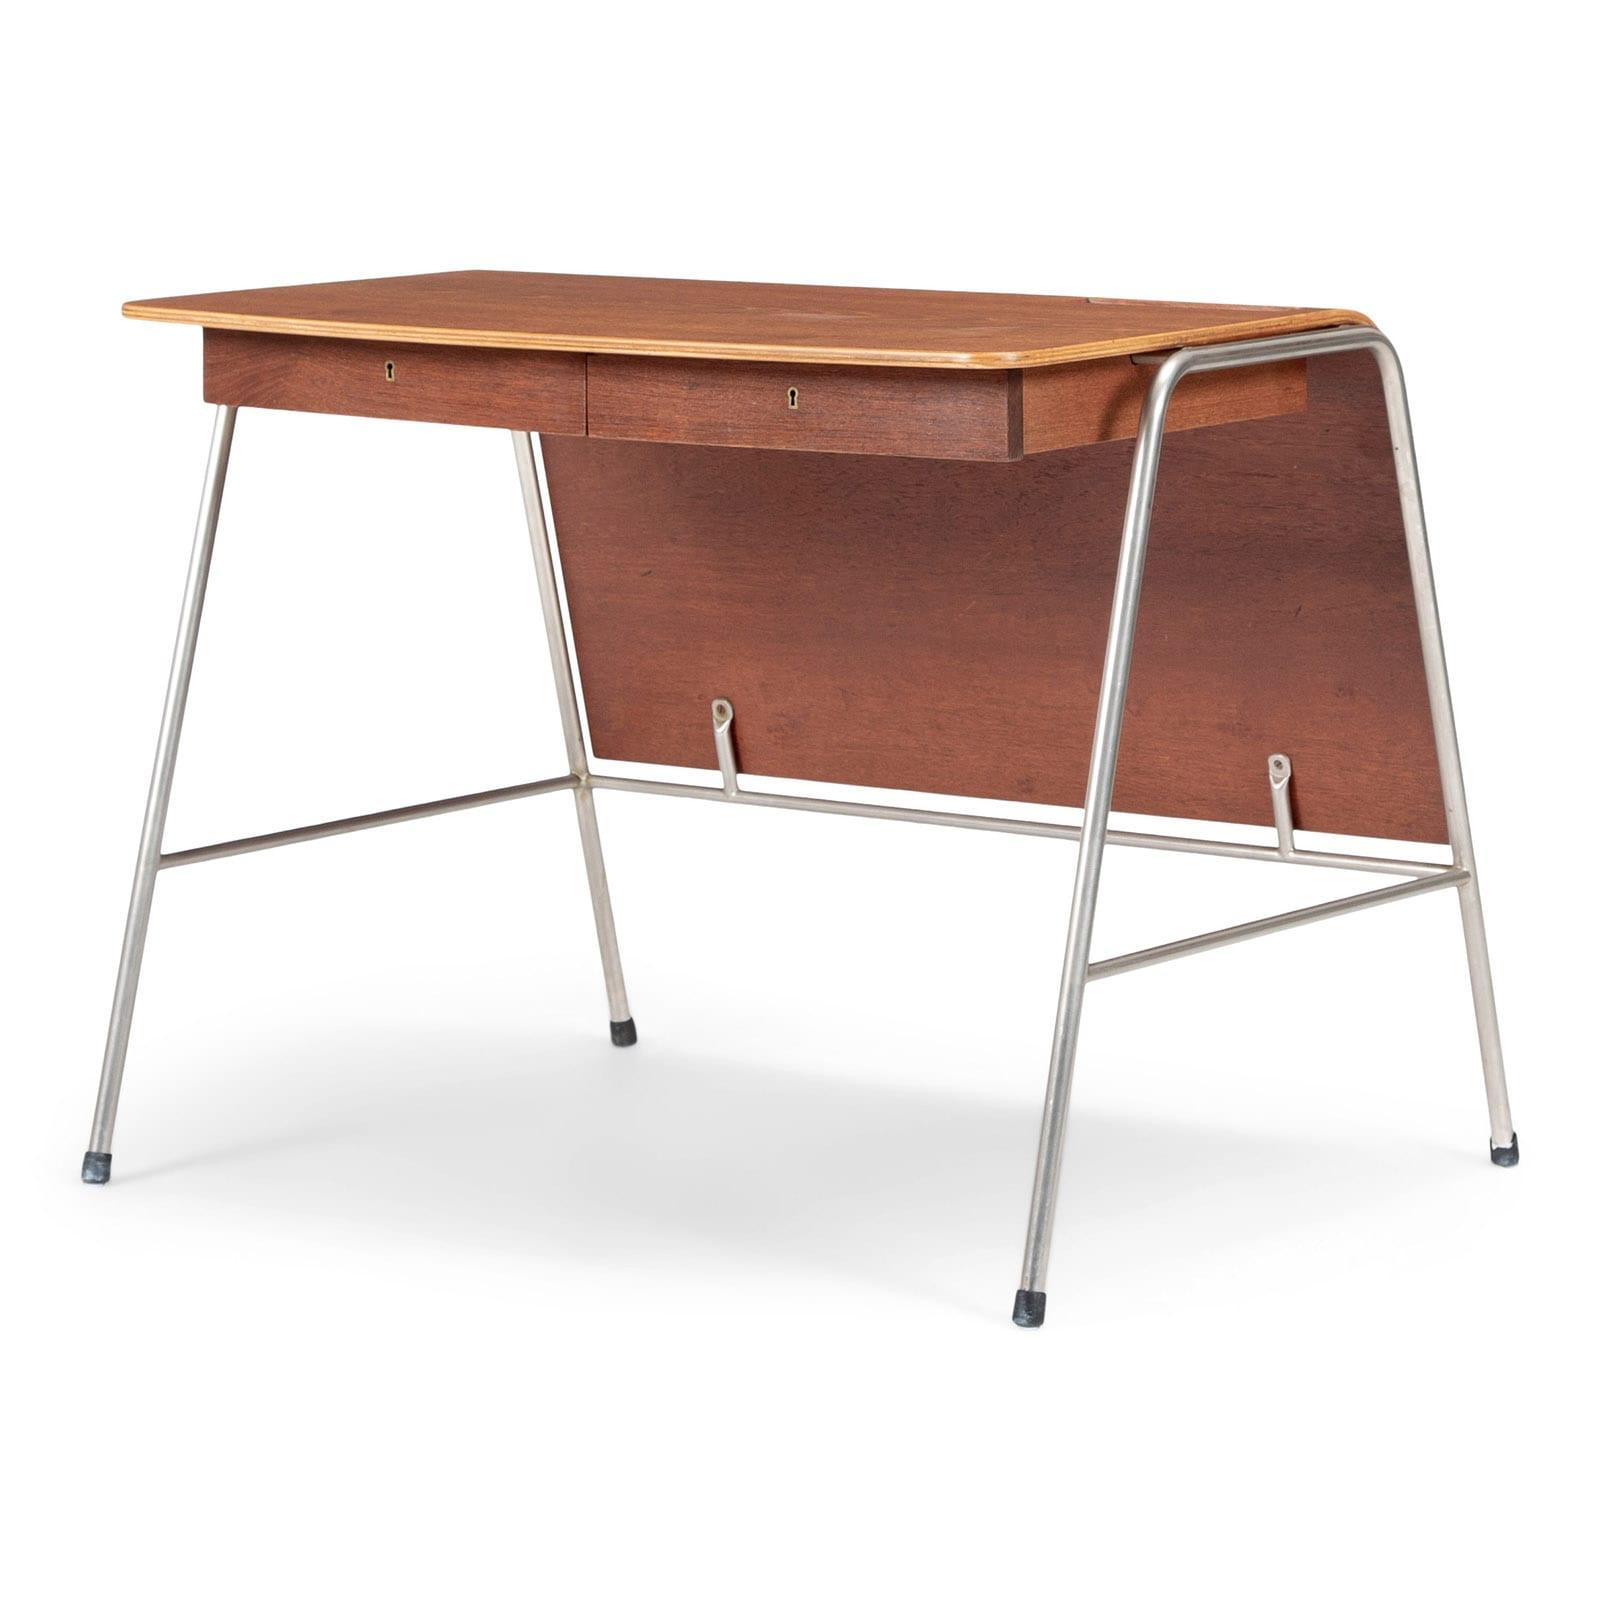 The 'Teacher's' desk